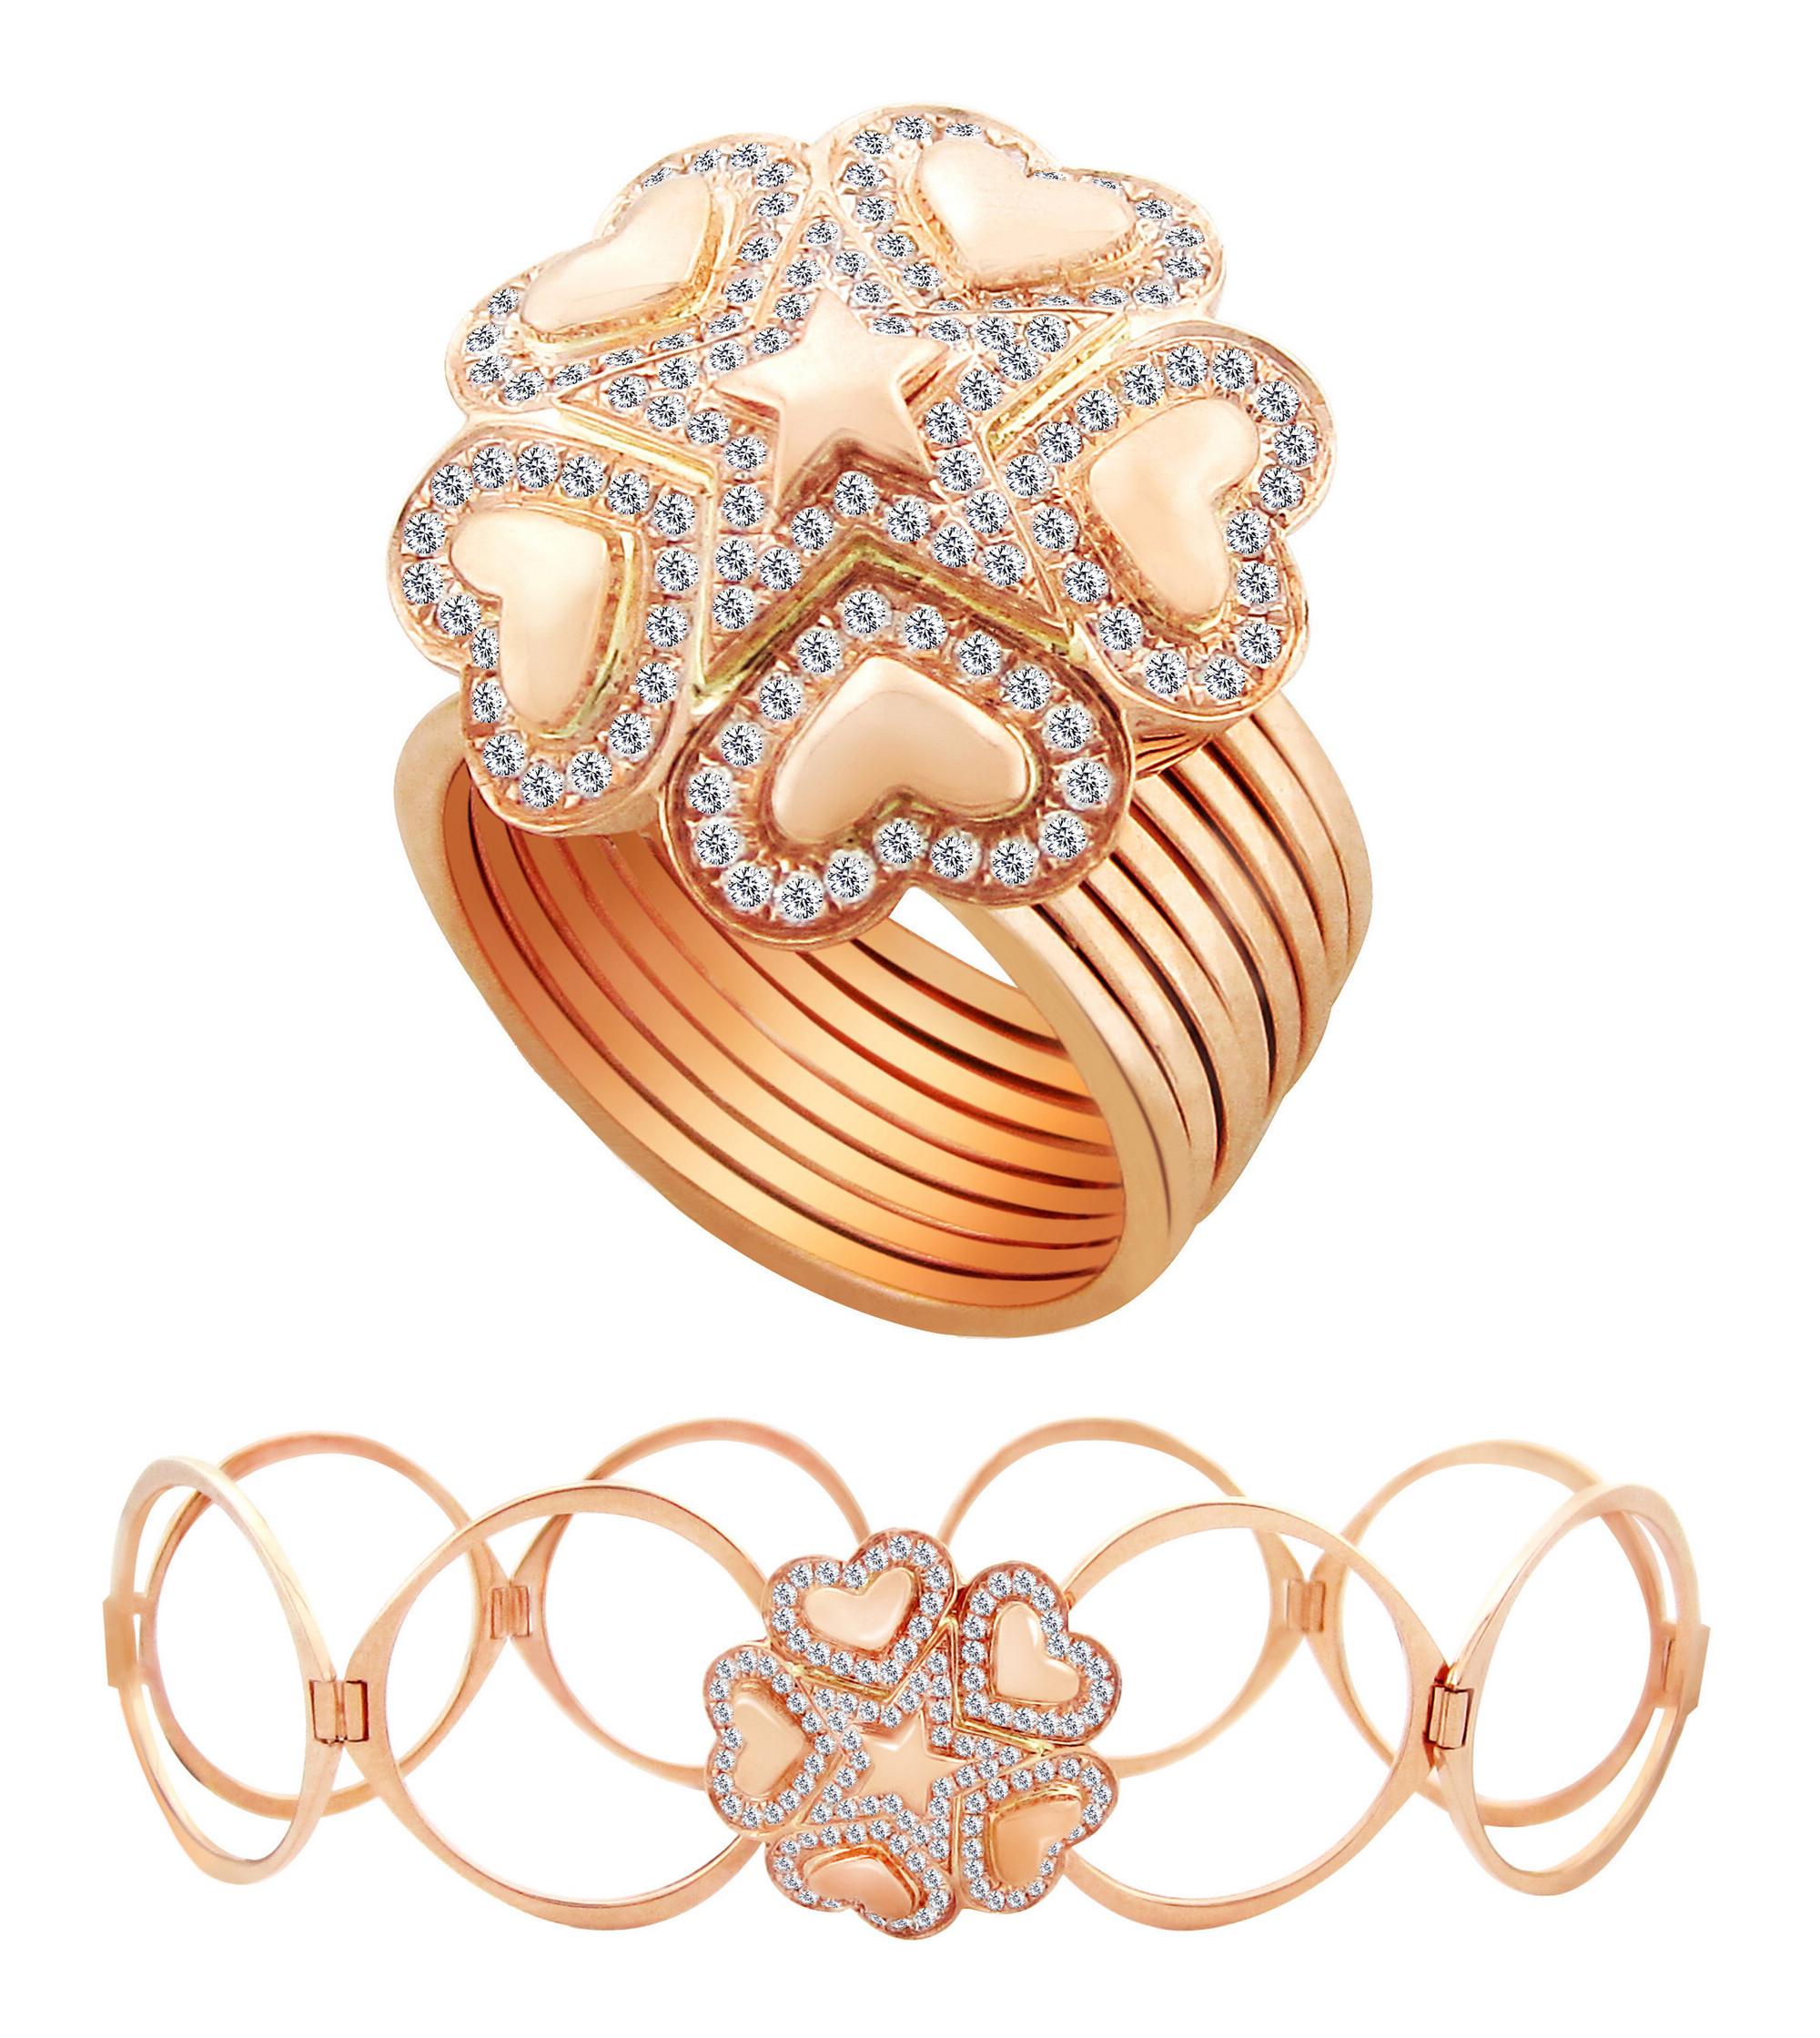 珠宝 首饰 修图 彩钻 宝石 克拉钻 彩金 项链 戒指 耳环 耳钉 吊坠